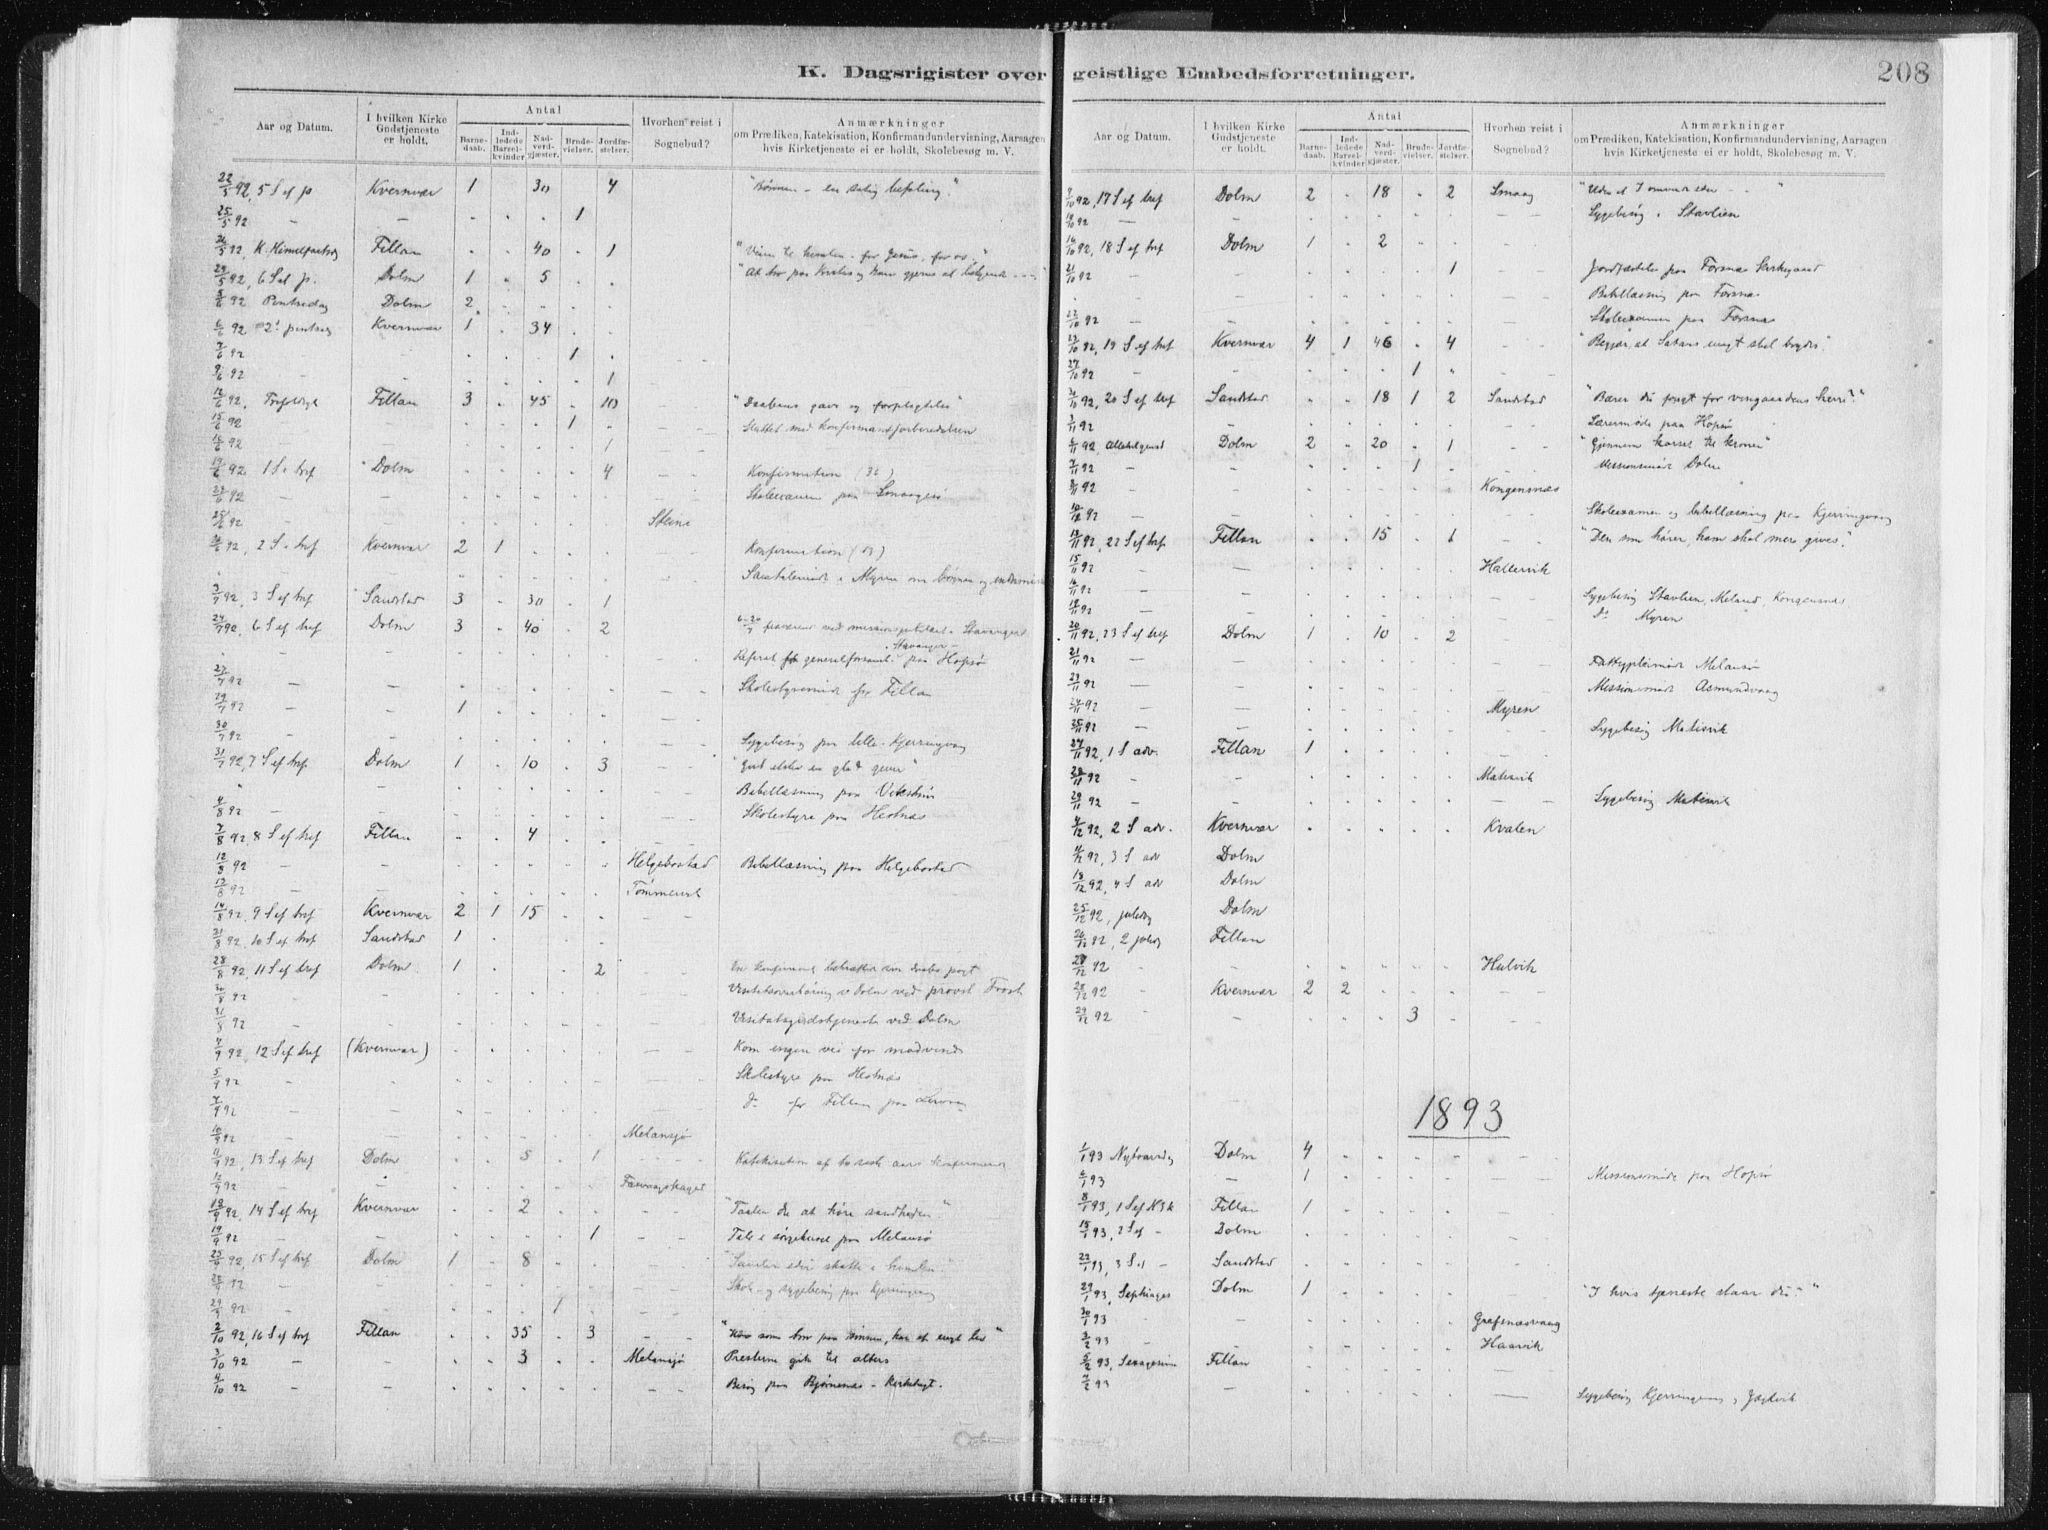 SAT, Ministerialprotokoller, klokkerbøker og fødselsregistre - Sør-Trøndelag, 634/L0533: Ministerialbok nr. 634A09, 1882-1901, s. 208